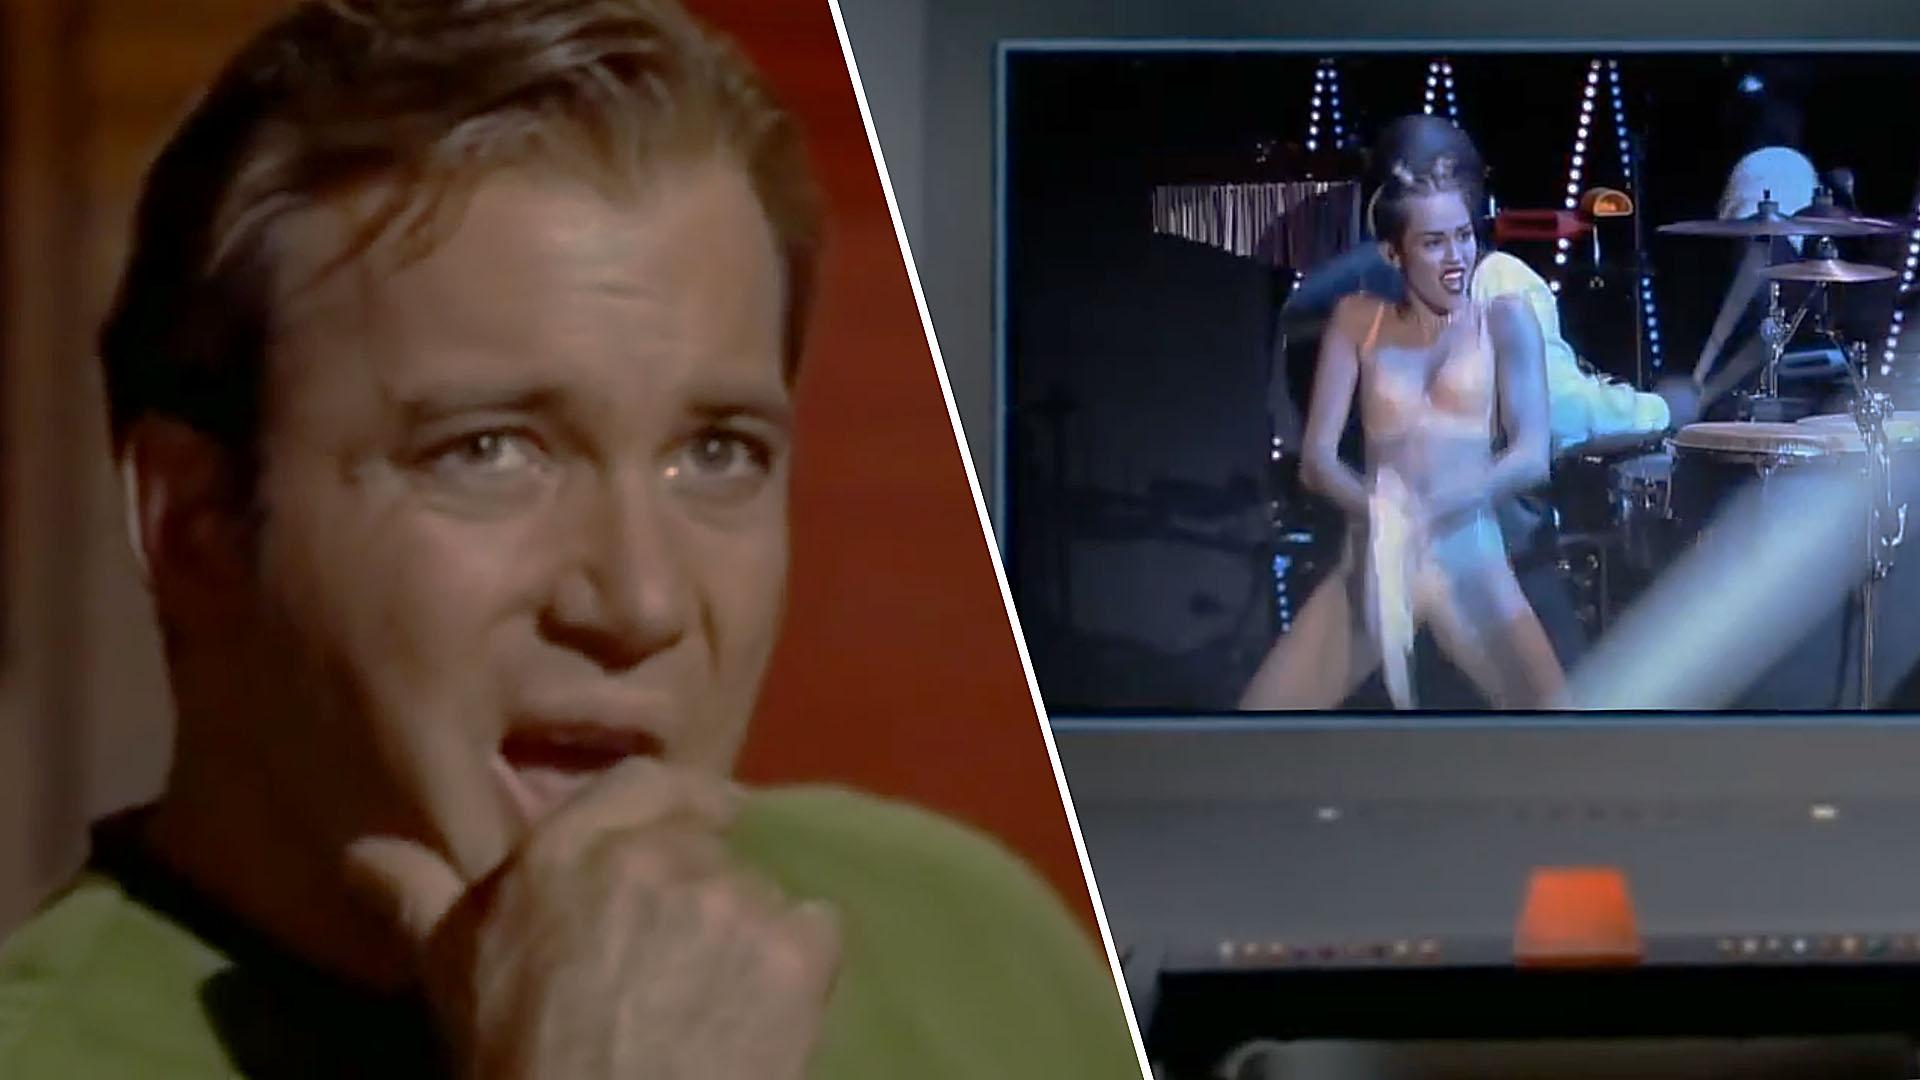 Captain Kirk watches MC VORSCHAUBILD